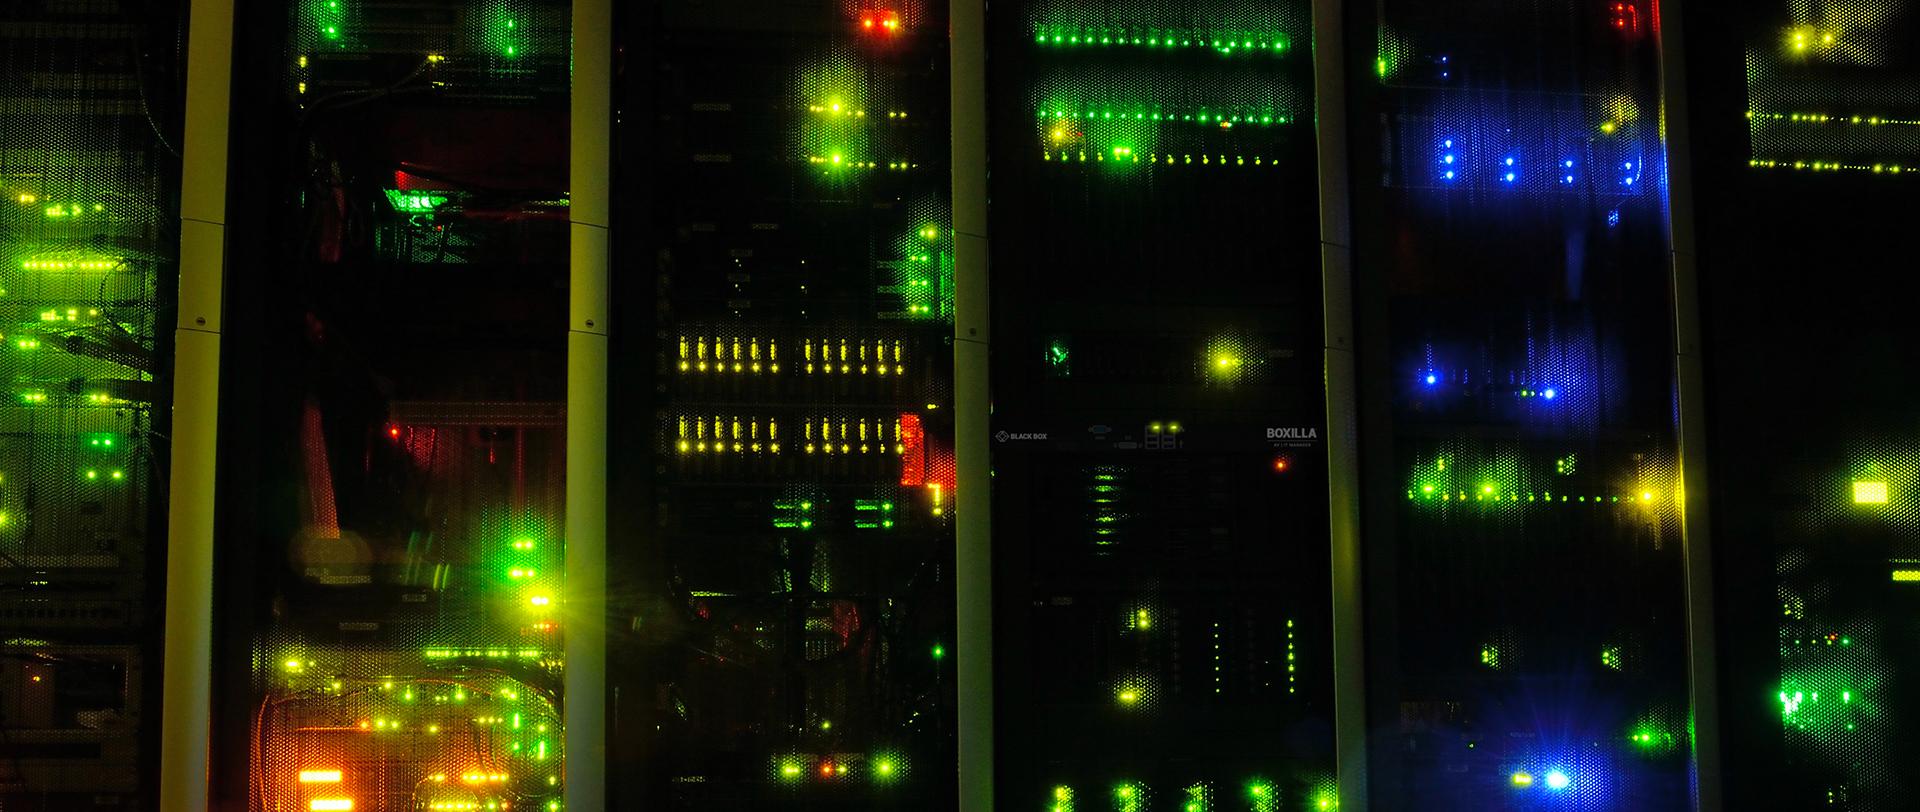 Boxilla - AV / IT System Manager